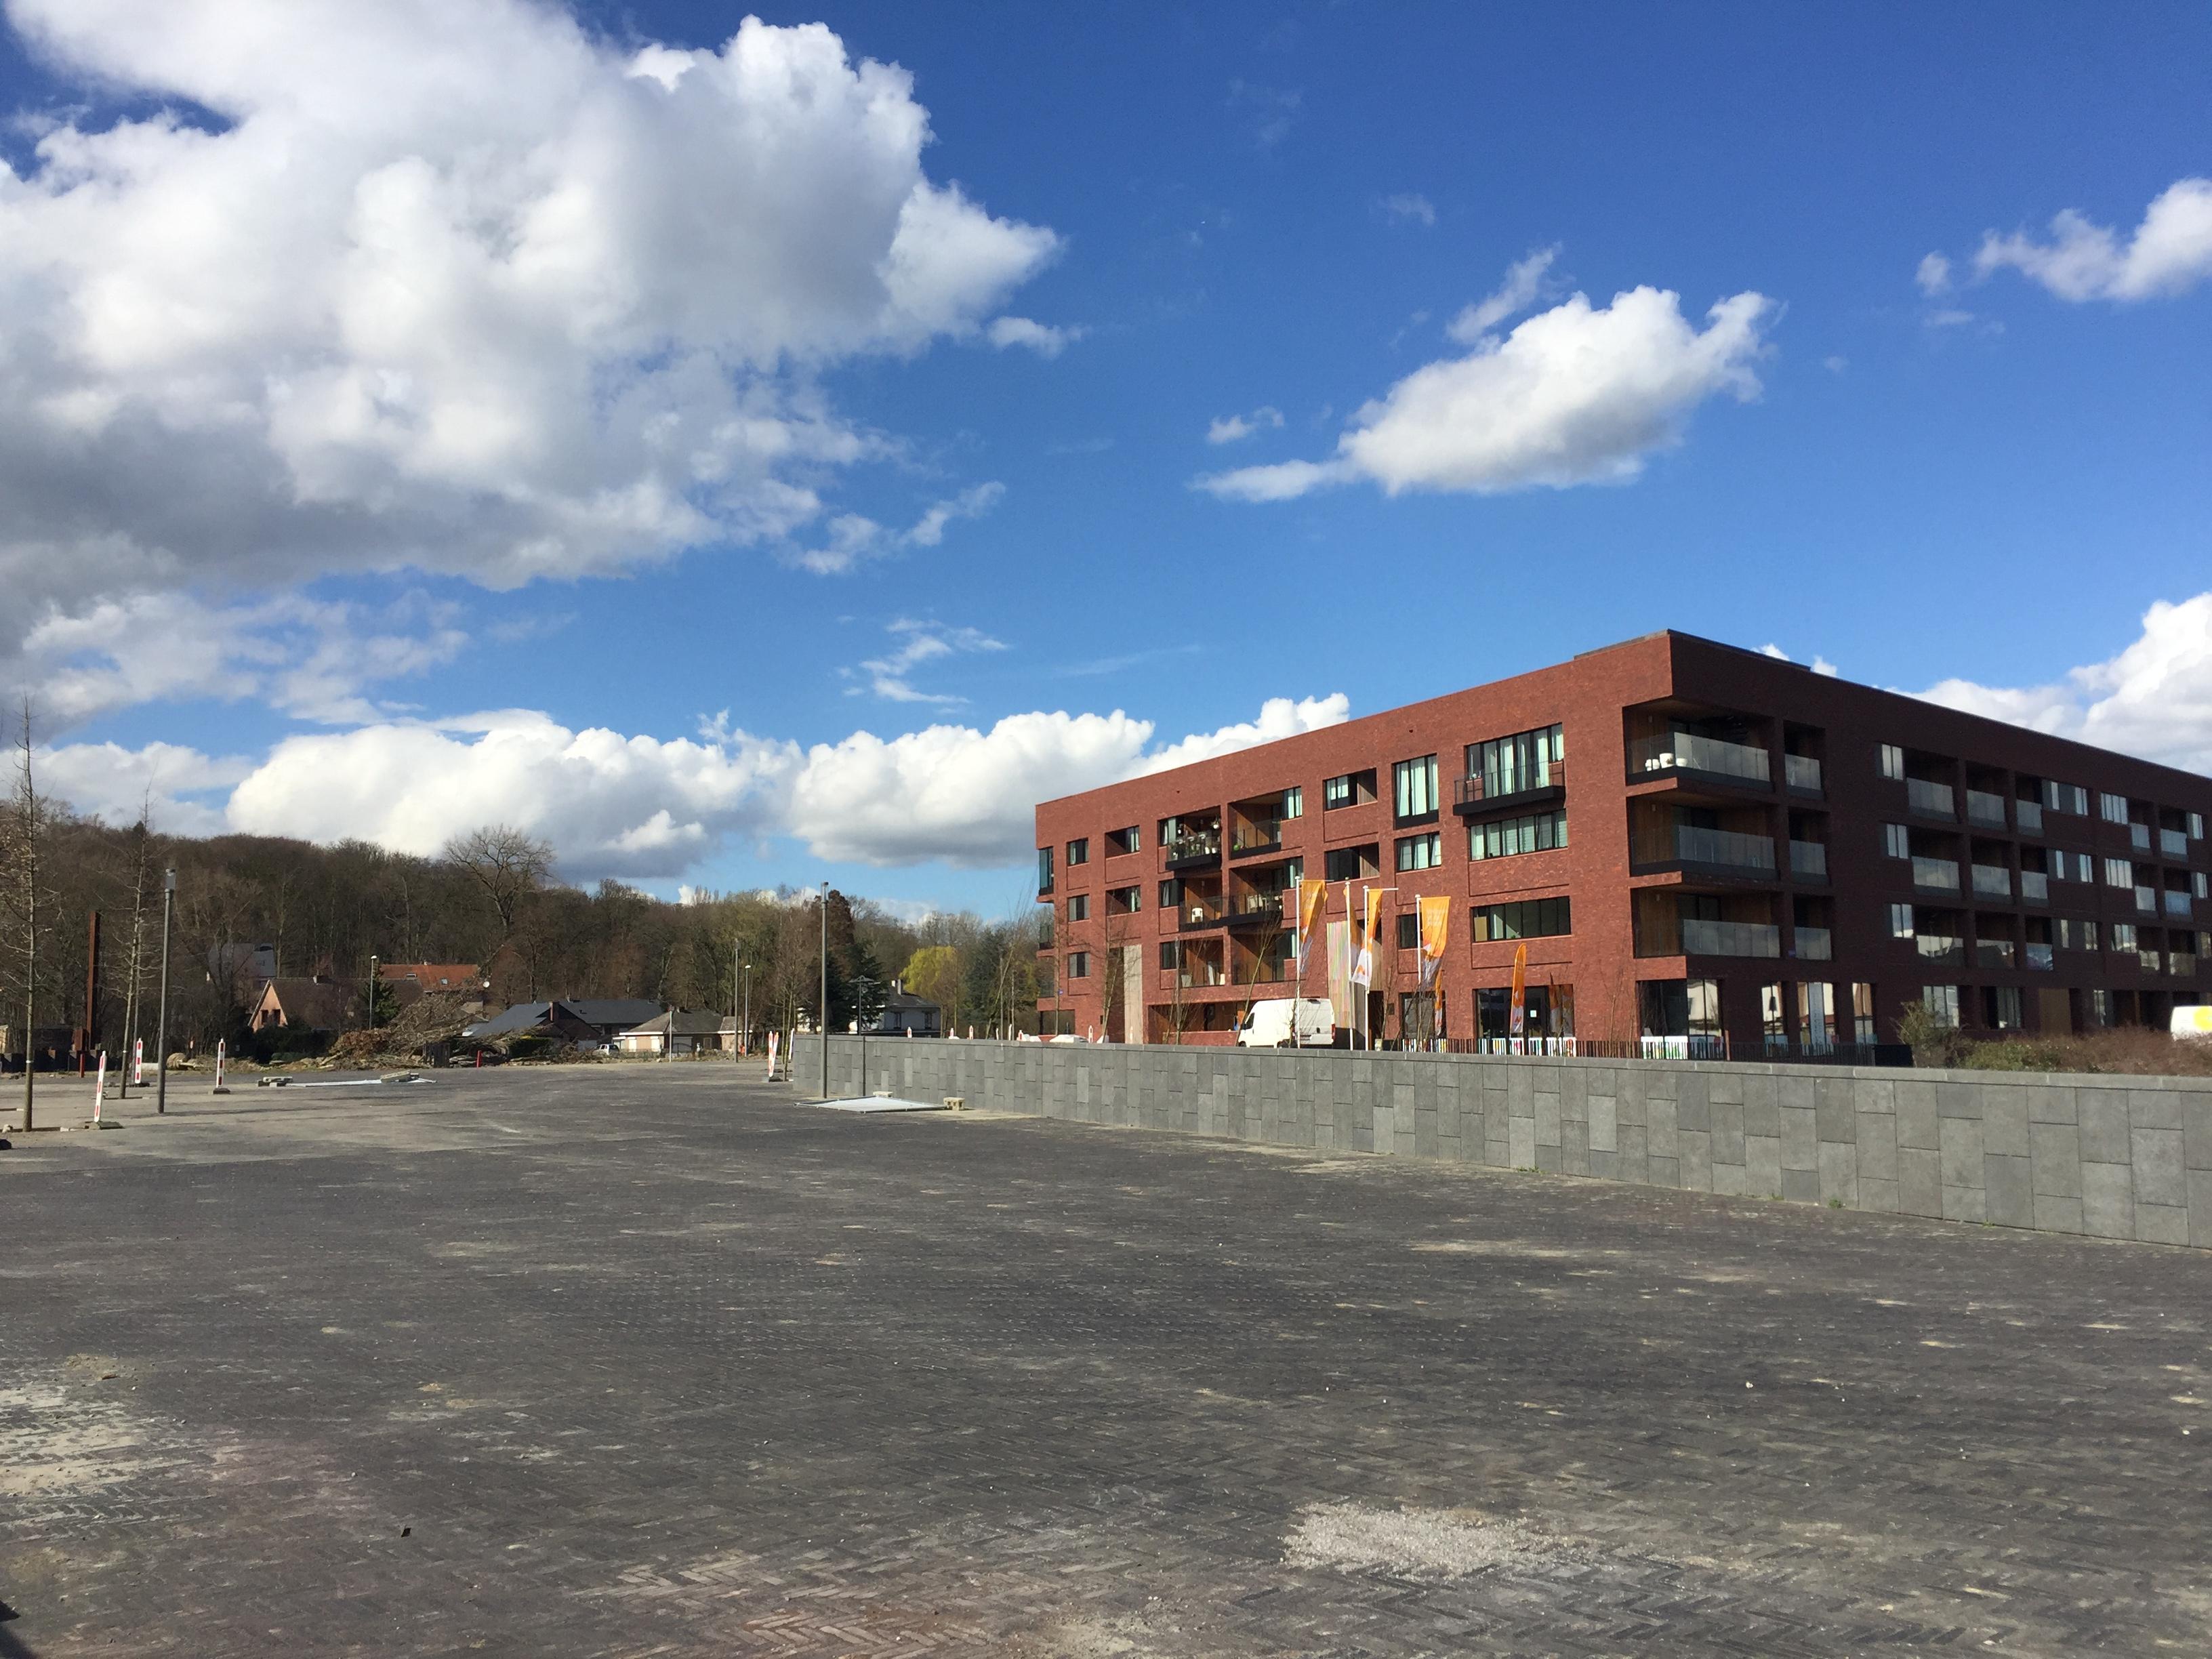 Het plein aan de rand van Watersite FOTO VerkeersNet